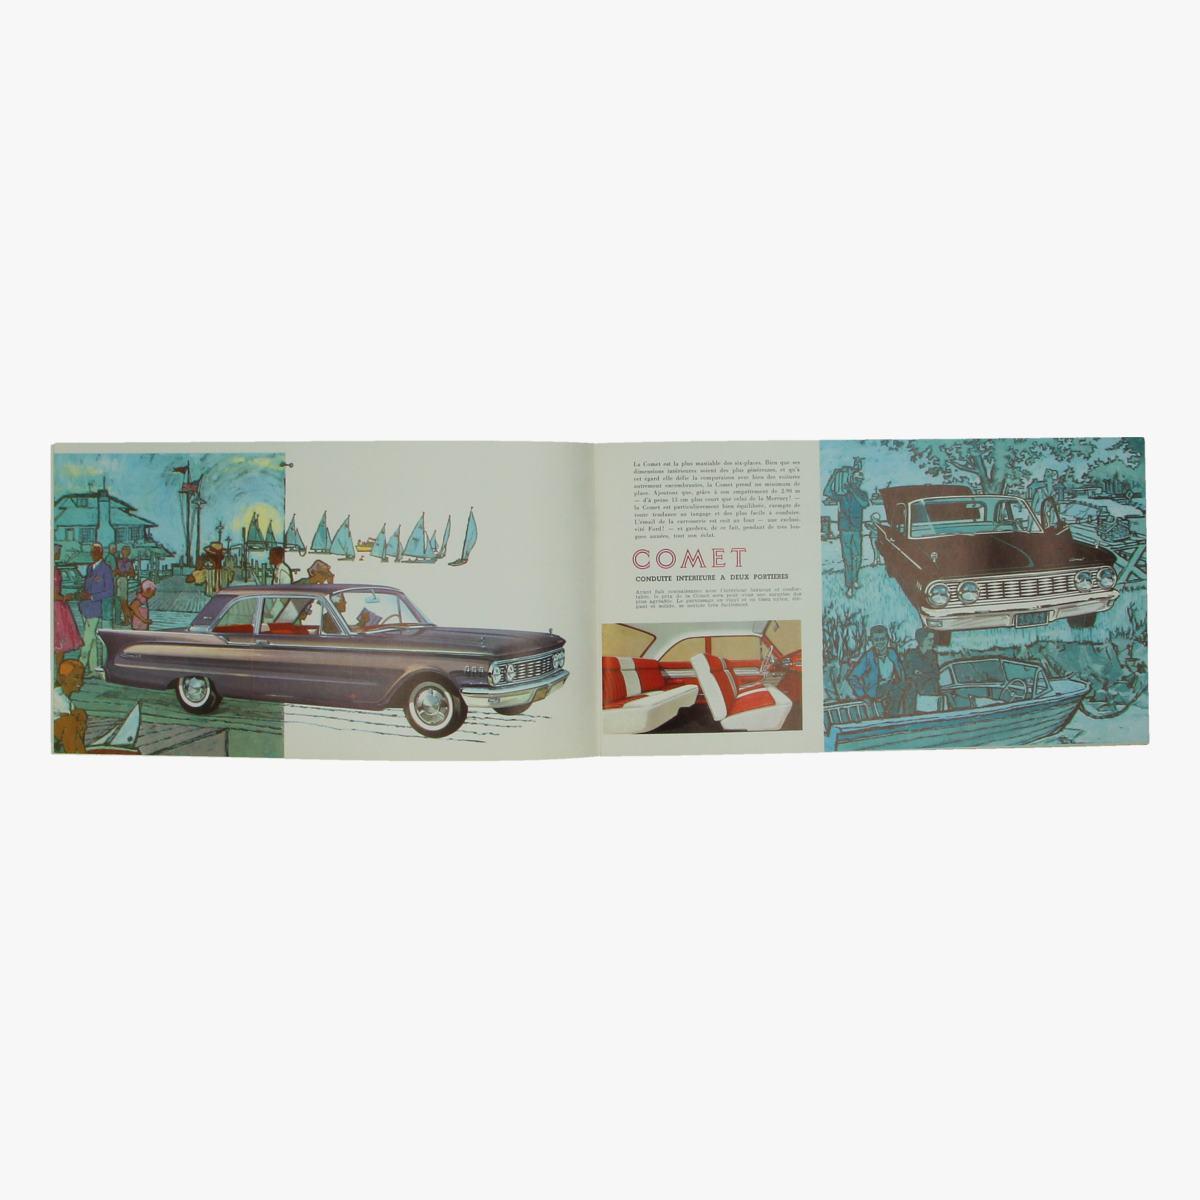 Afbeeldingen van oude reclame boekje comet 1961